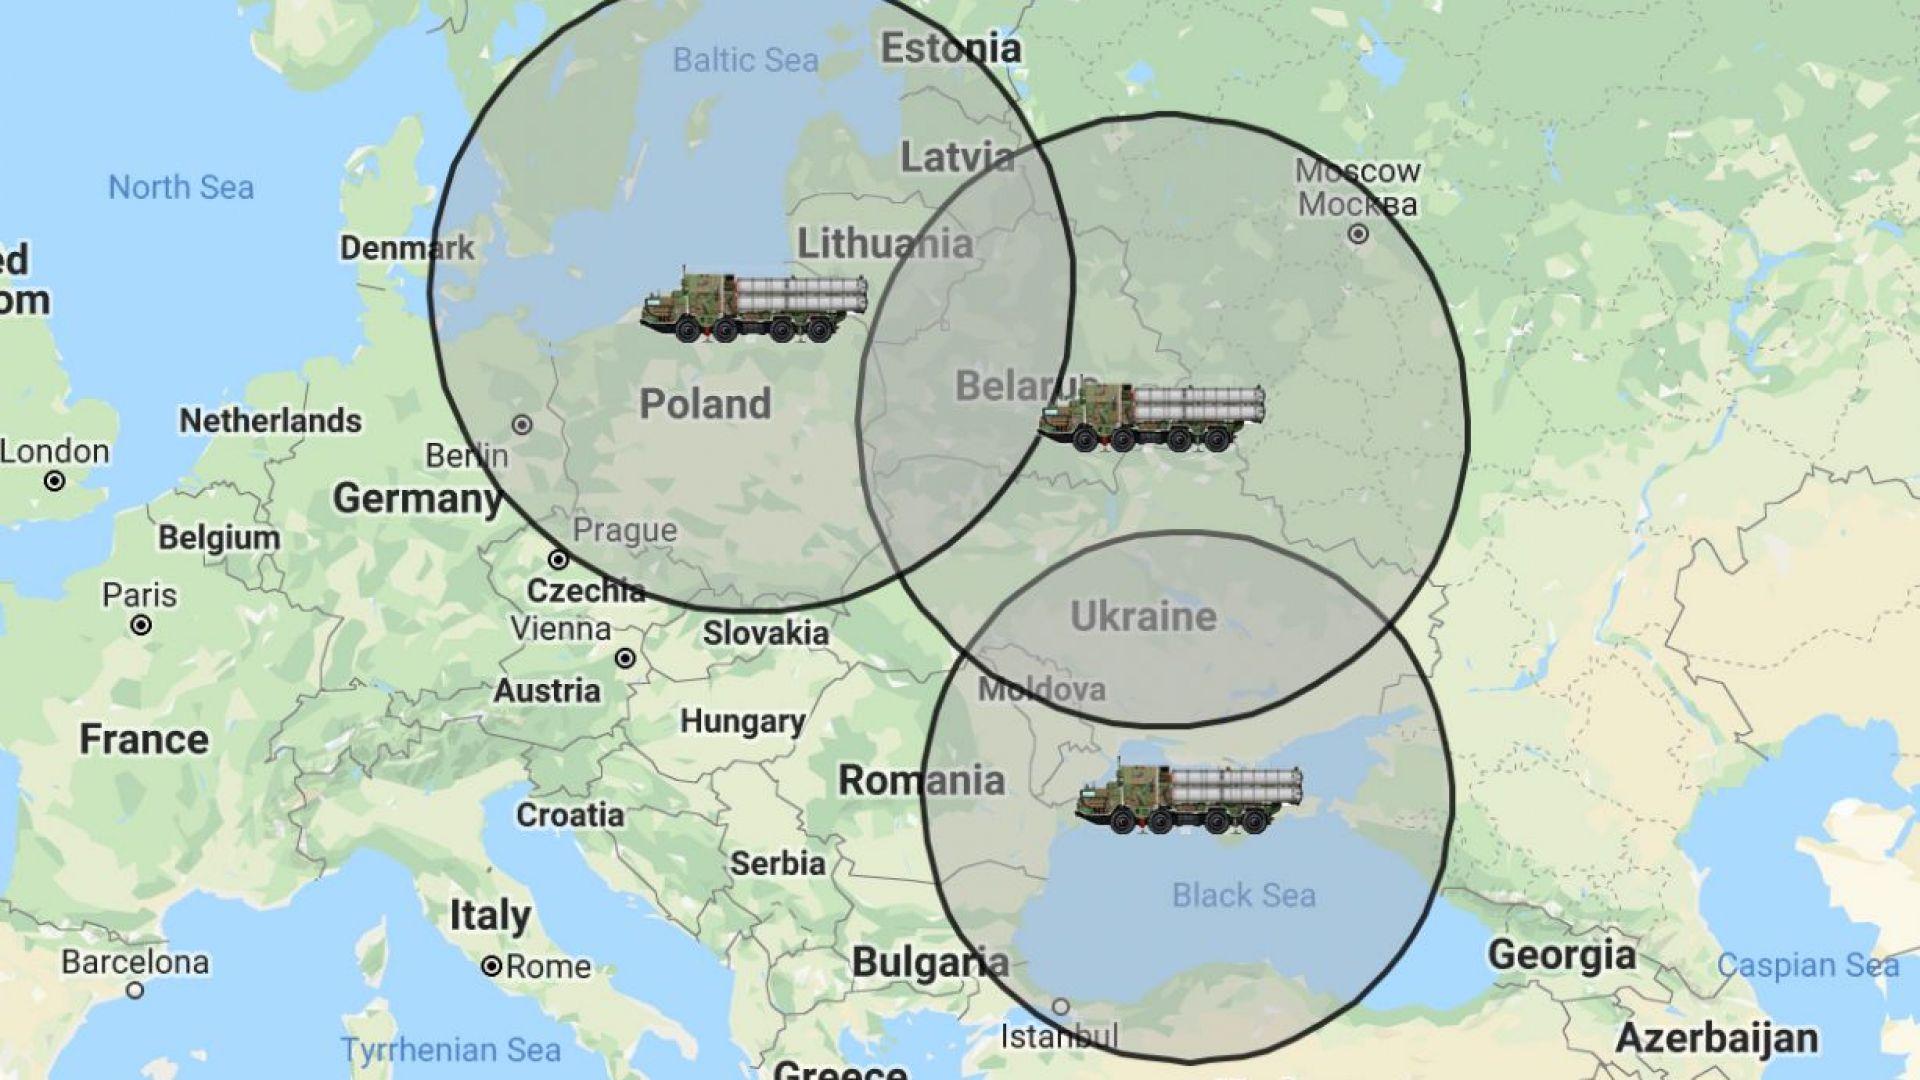 Обсегът на С-500, ако установките бъдат разположени по границата на Русия